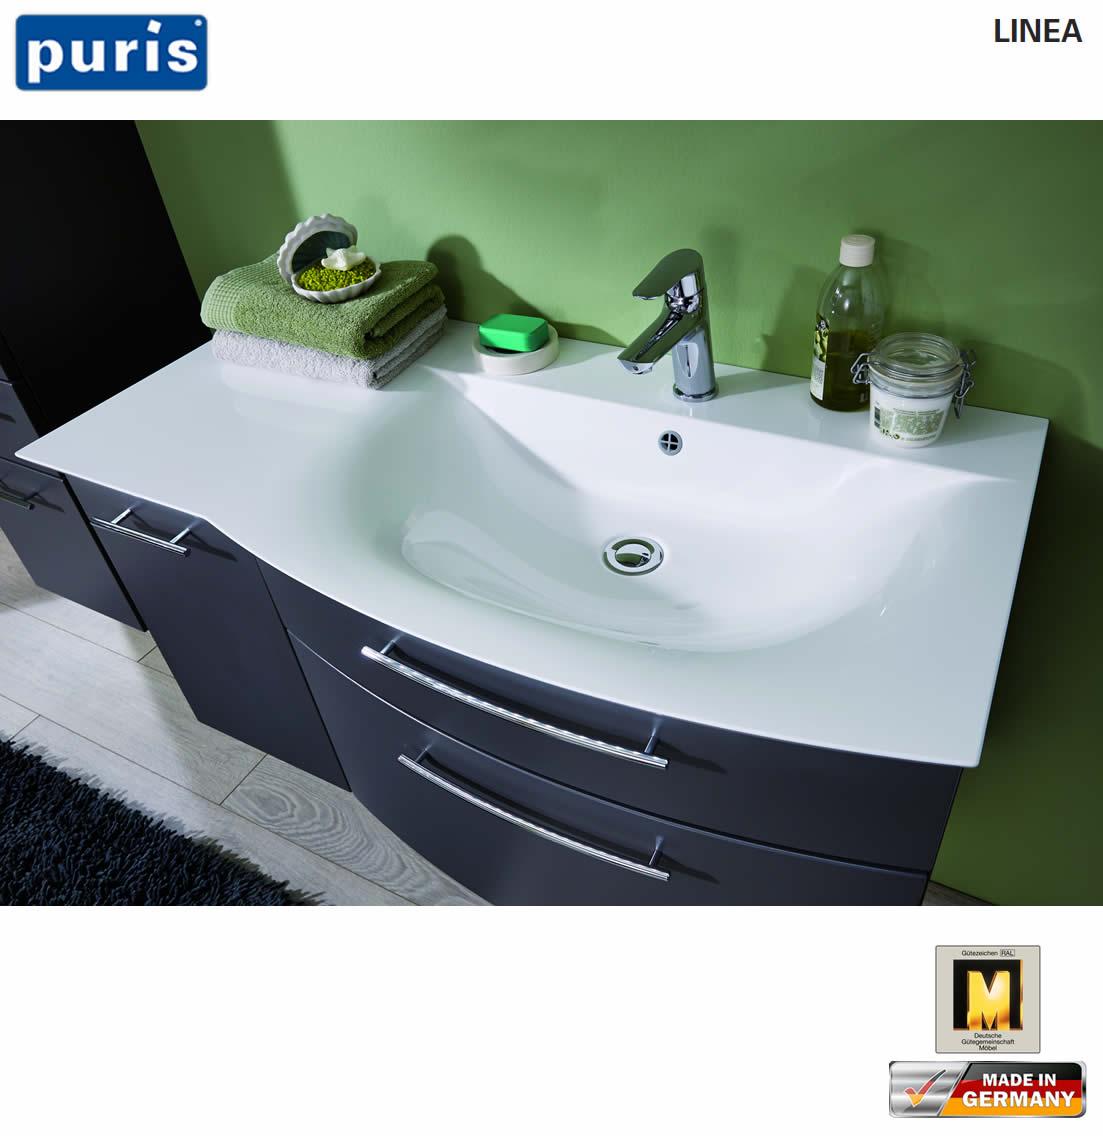 waschtisch set 100 cm stunning waschtisch set 100 cm with. Black Bedroom Furniture Sets. Home Design Ideas